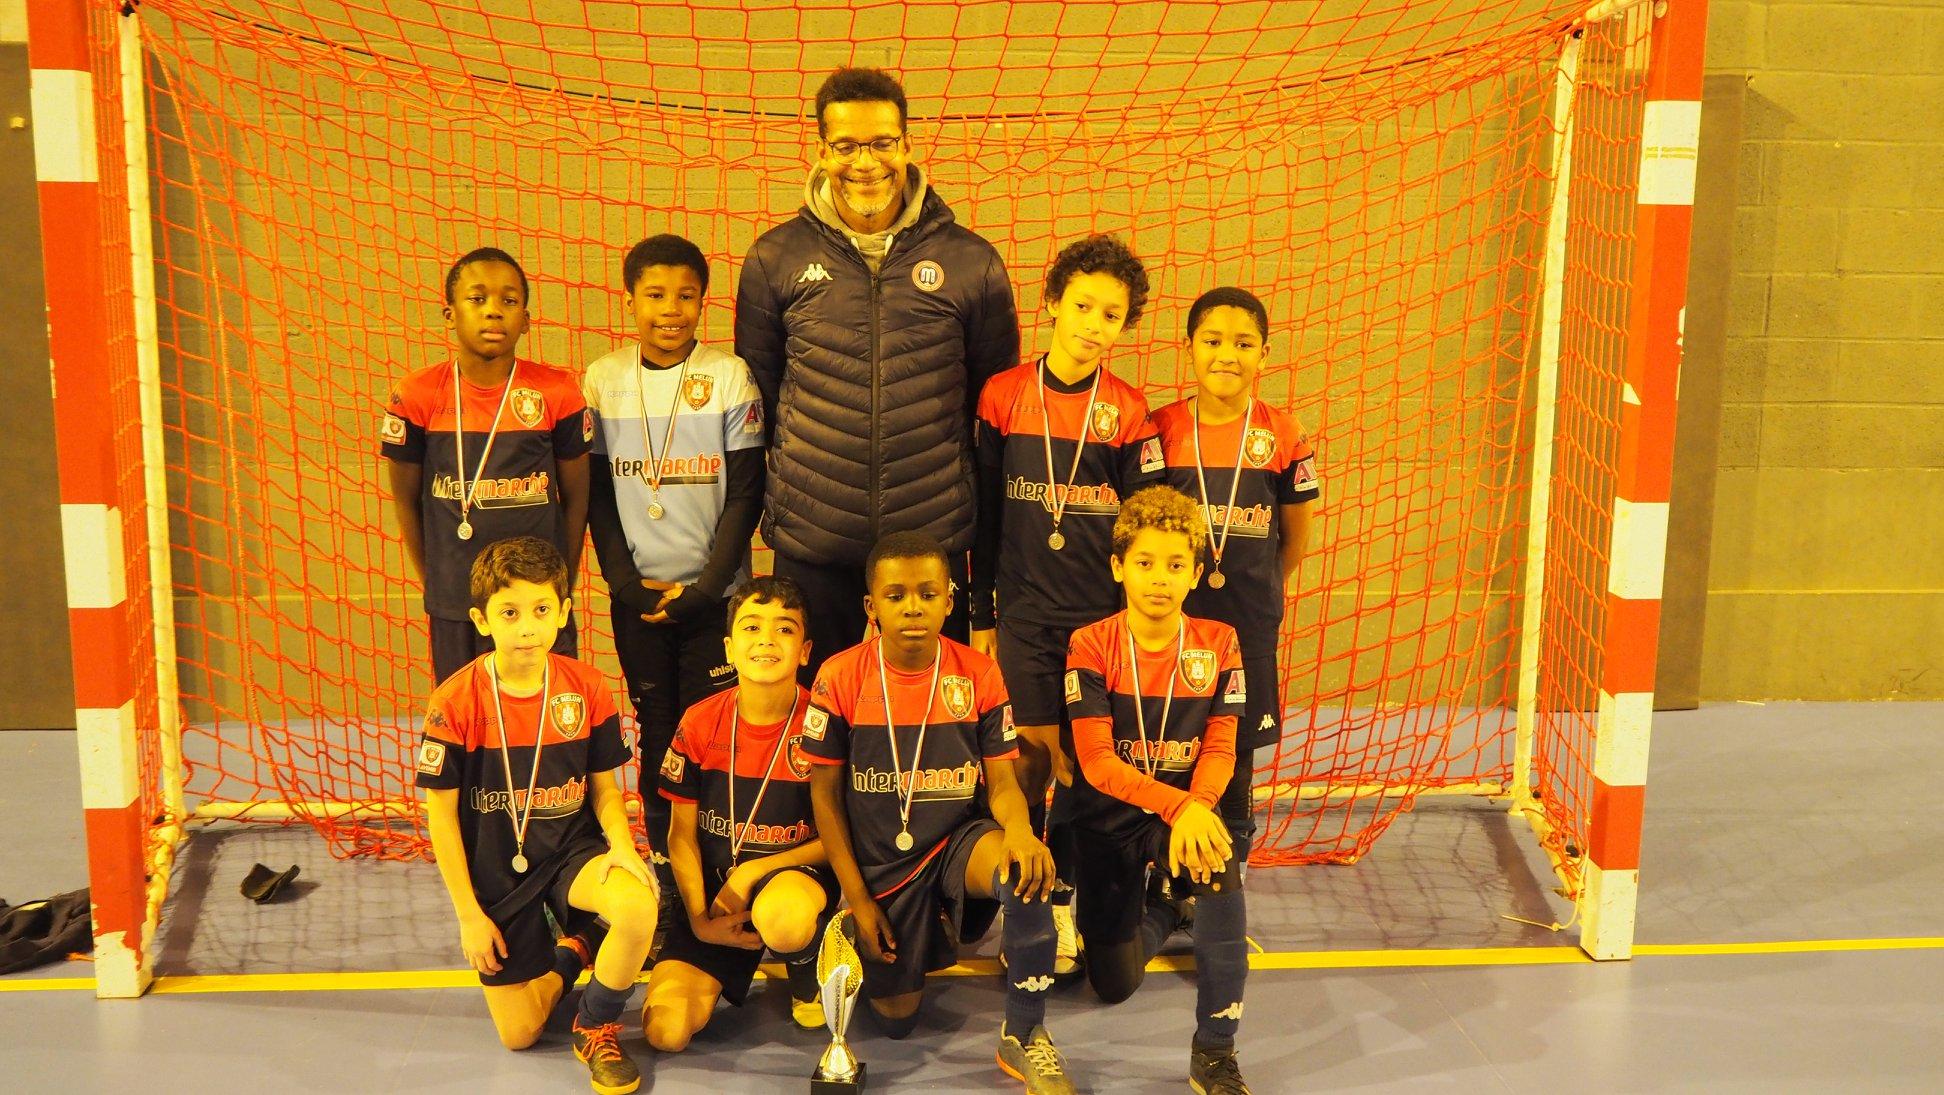 U10 de Joël Vainqueur du Tournoi Melun Cup Futsal le 05/01/2020